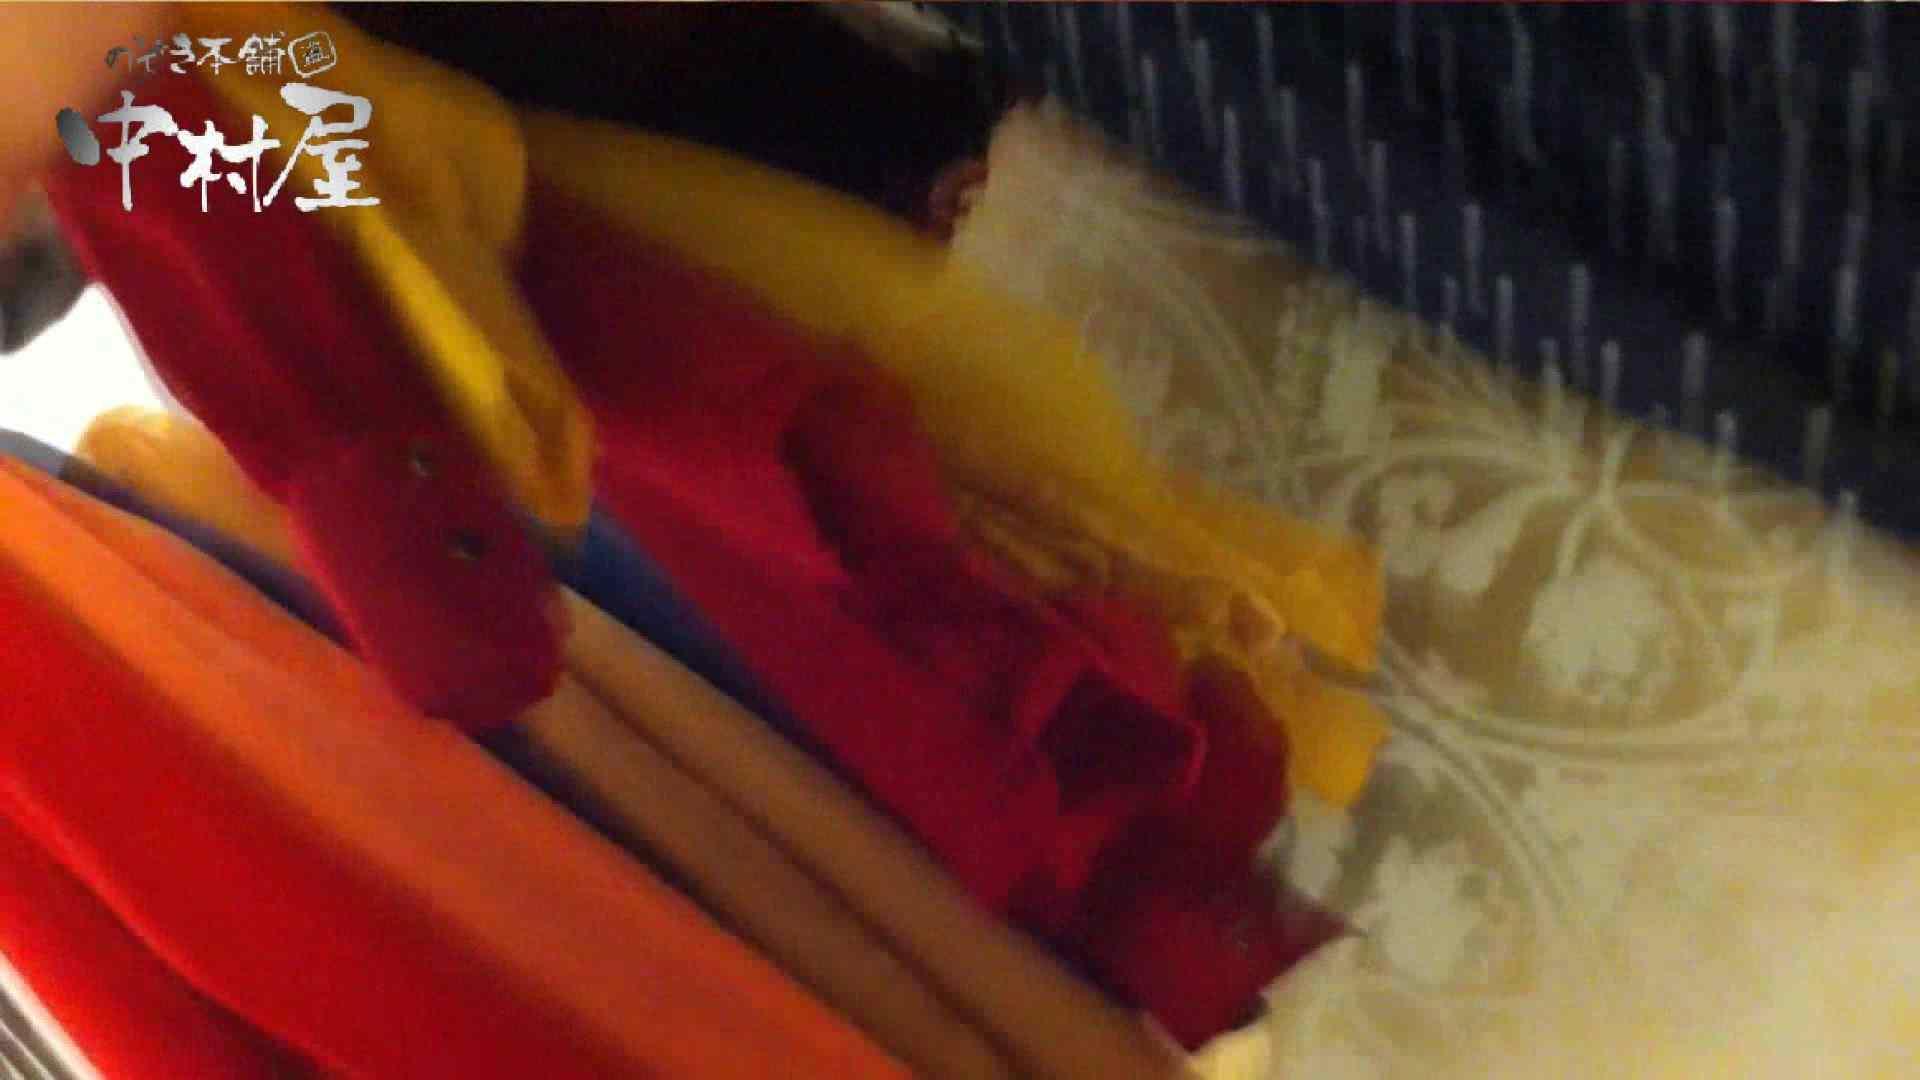 無料アダルト動画:vol.58 美人アパレル胸チラ&パンチラ 黄色い帽子がカワイイ店員さん!:のぞき本舗 中村屋